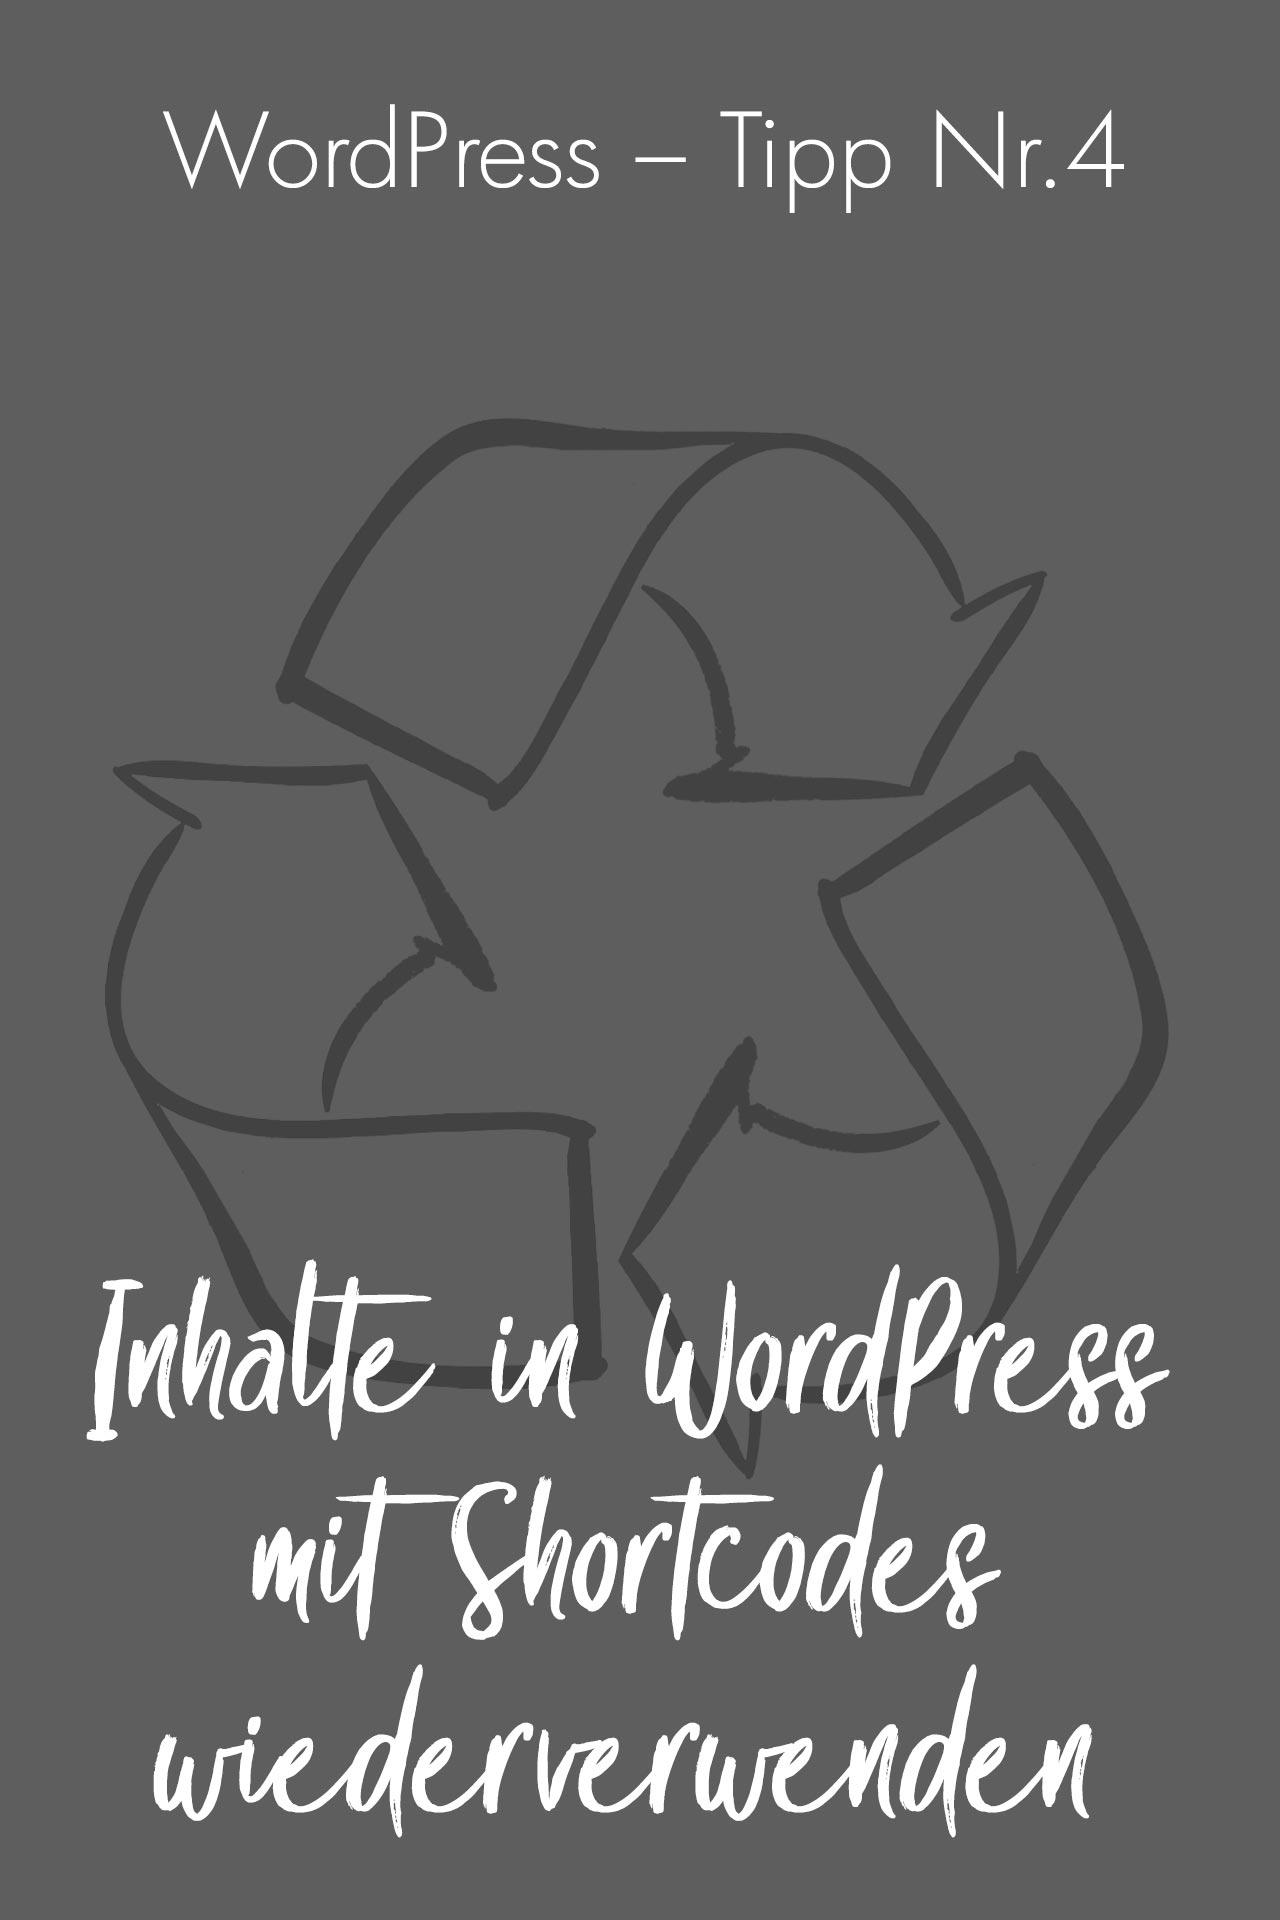 WordPress Tipp: Inhalte mit Shortcodes wiederverwenden